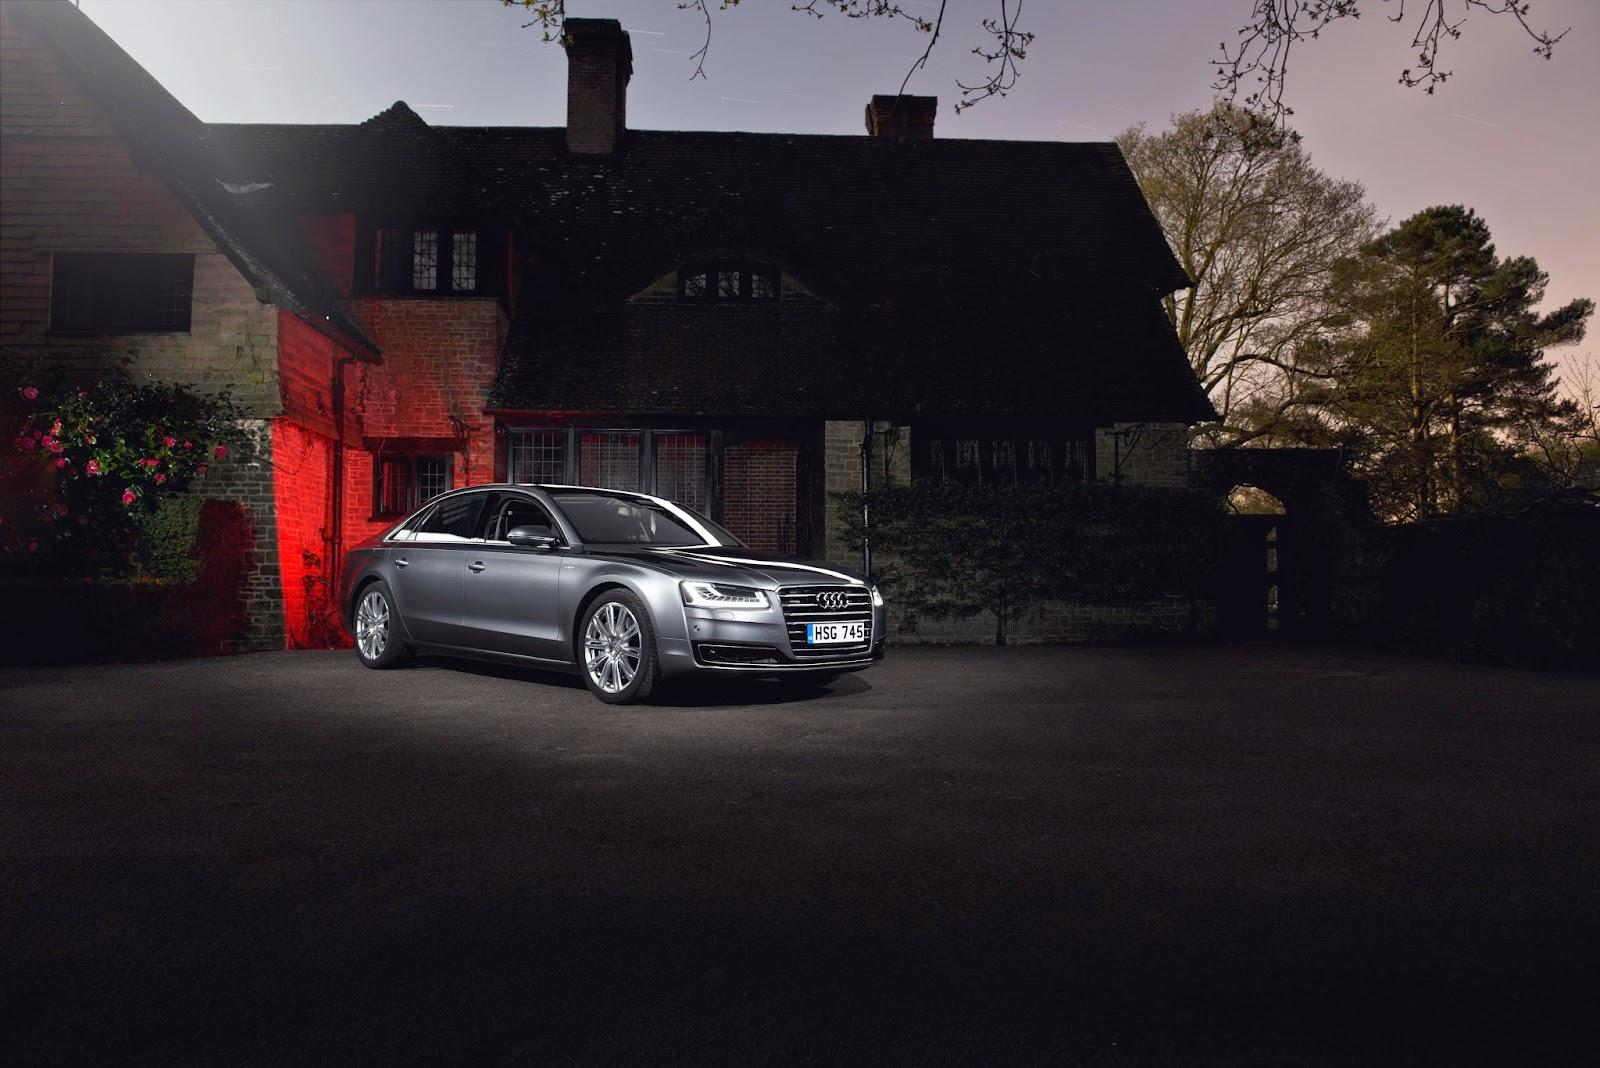 Grey Audi A8L